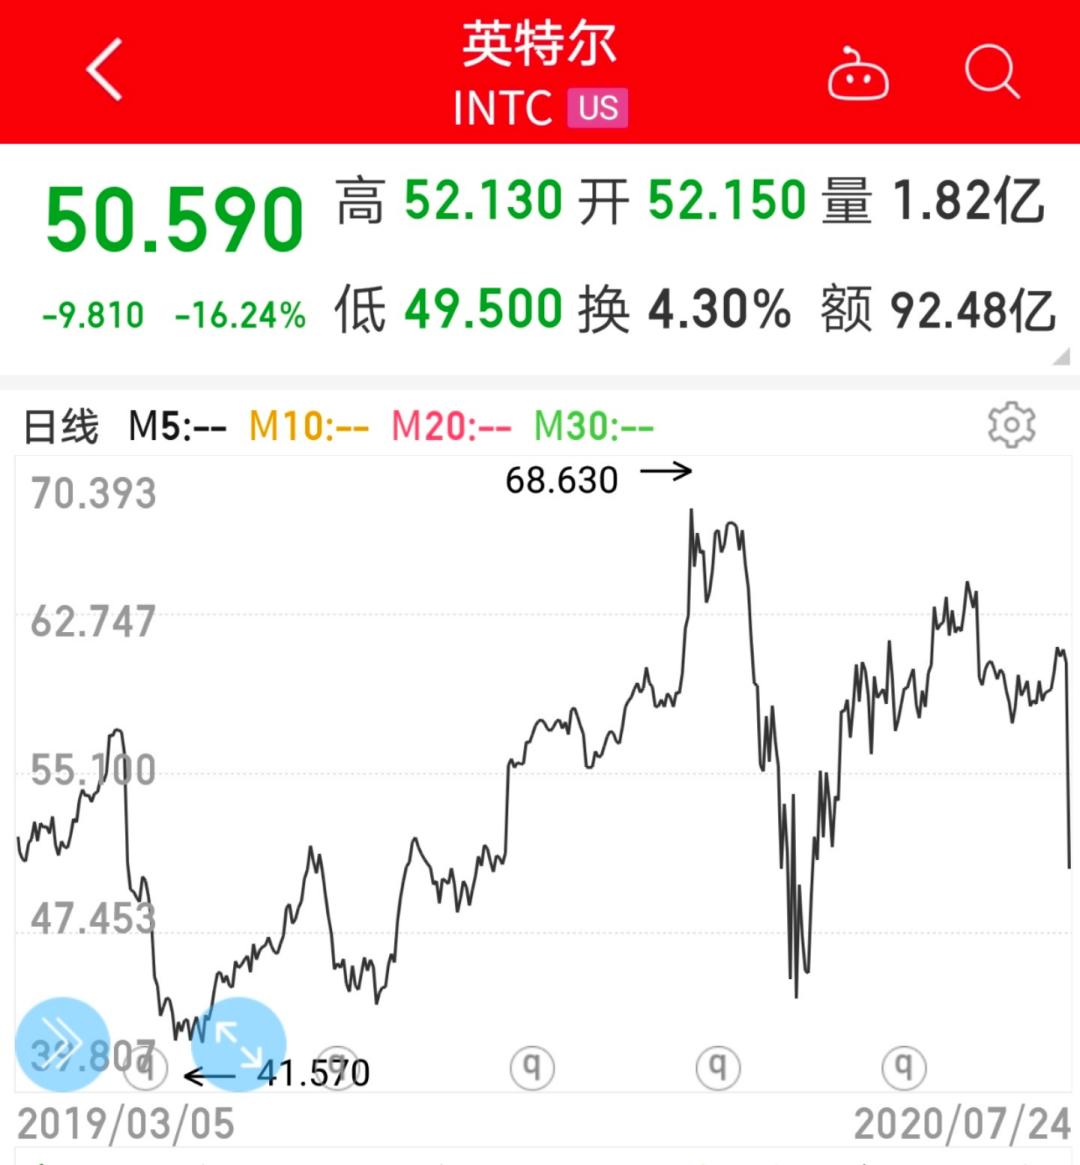 突发利空,半导体巨头股价暴跌,瞬间蒸发超400亿美元!美股出现惊人一幕,零收入公司市值狂飙